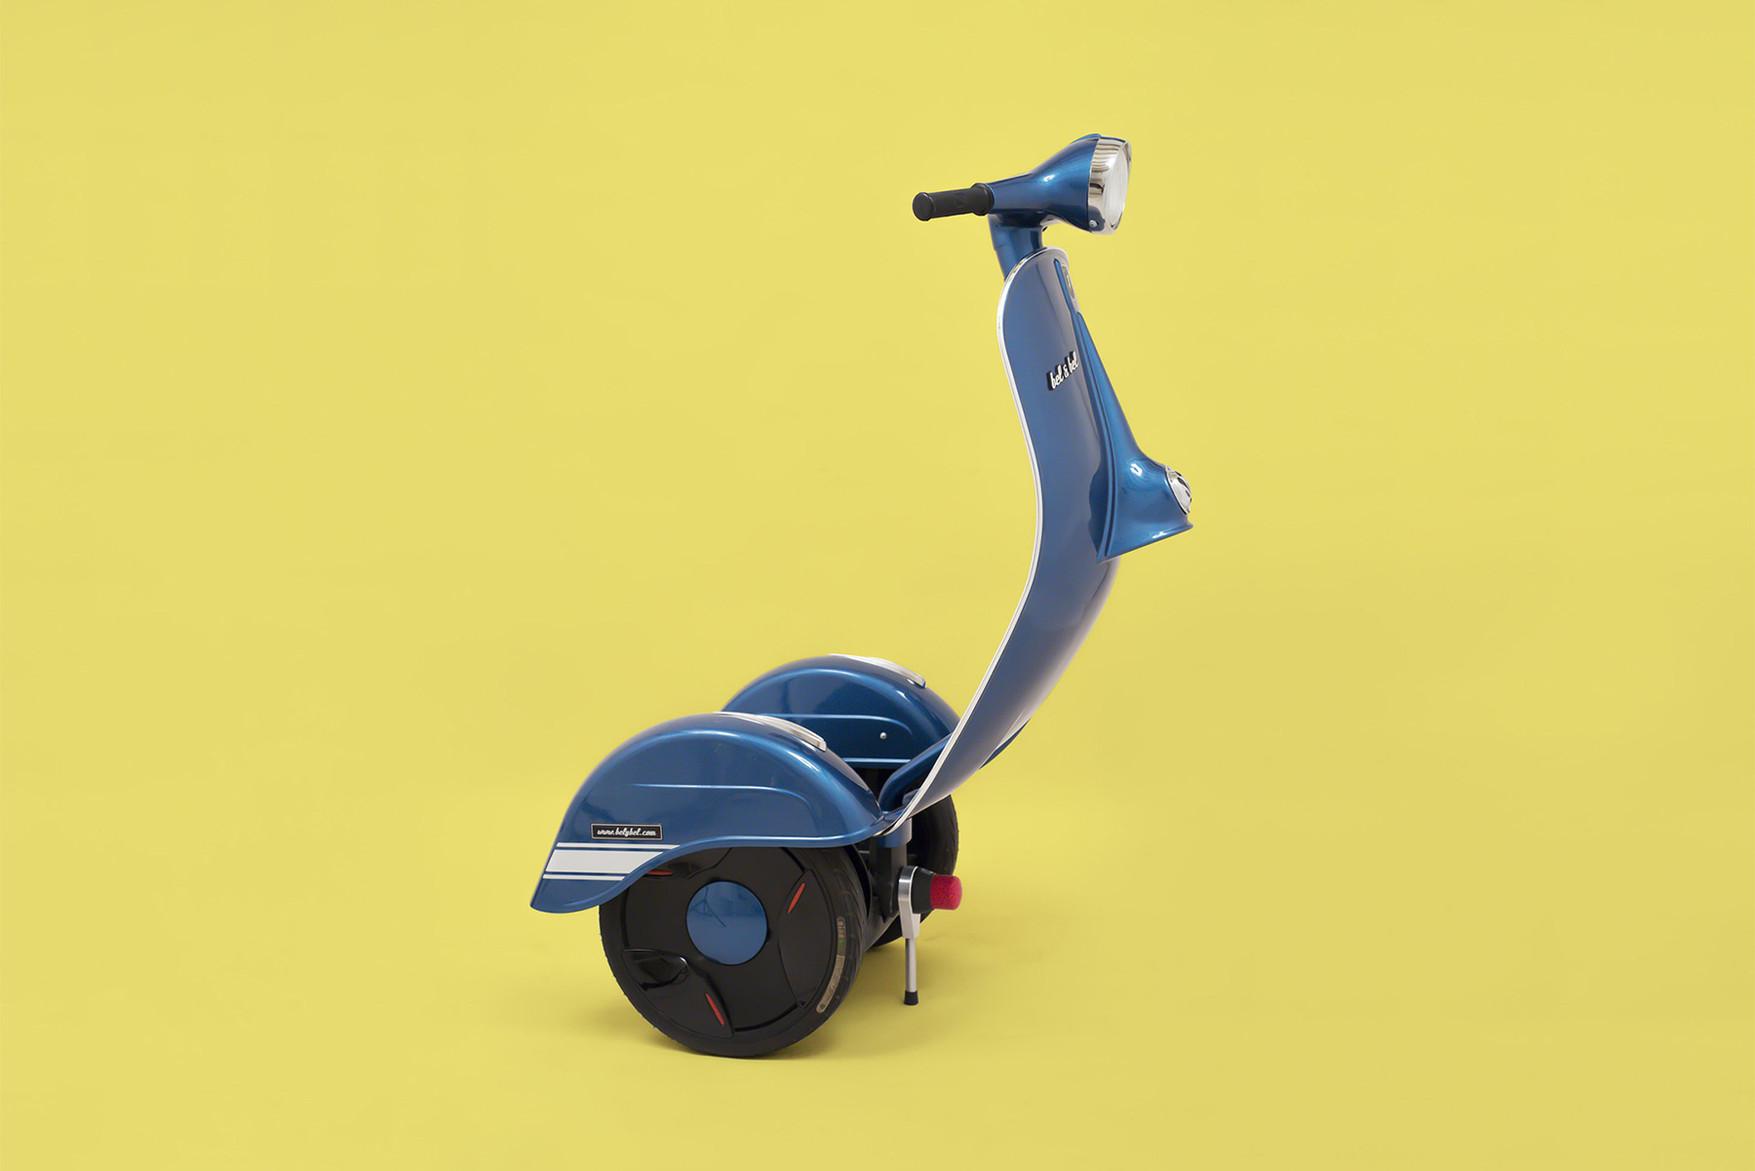 https_hypebeast.comimage201807bel-bel-studio-vespa-scooter-segway-hybrid-03